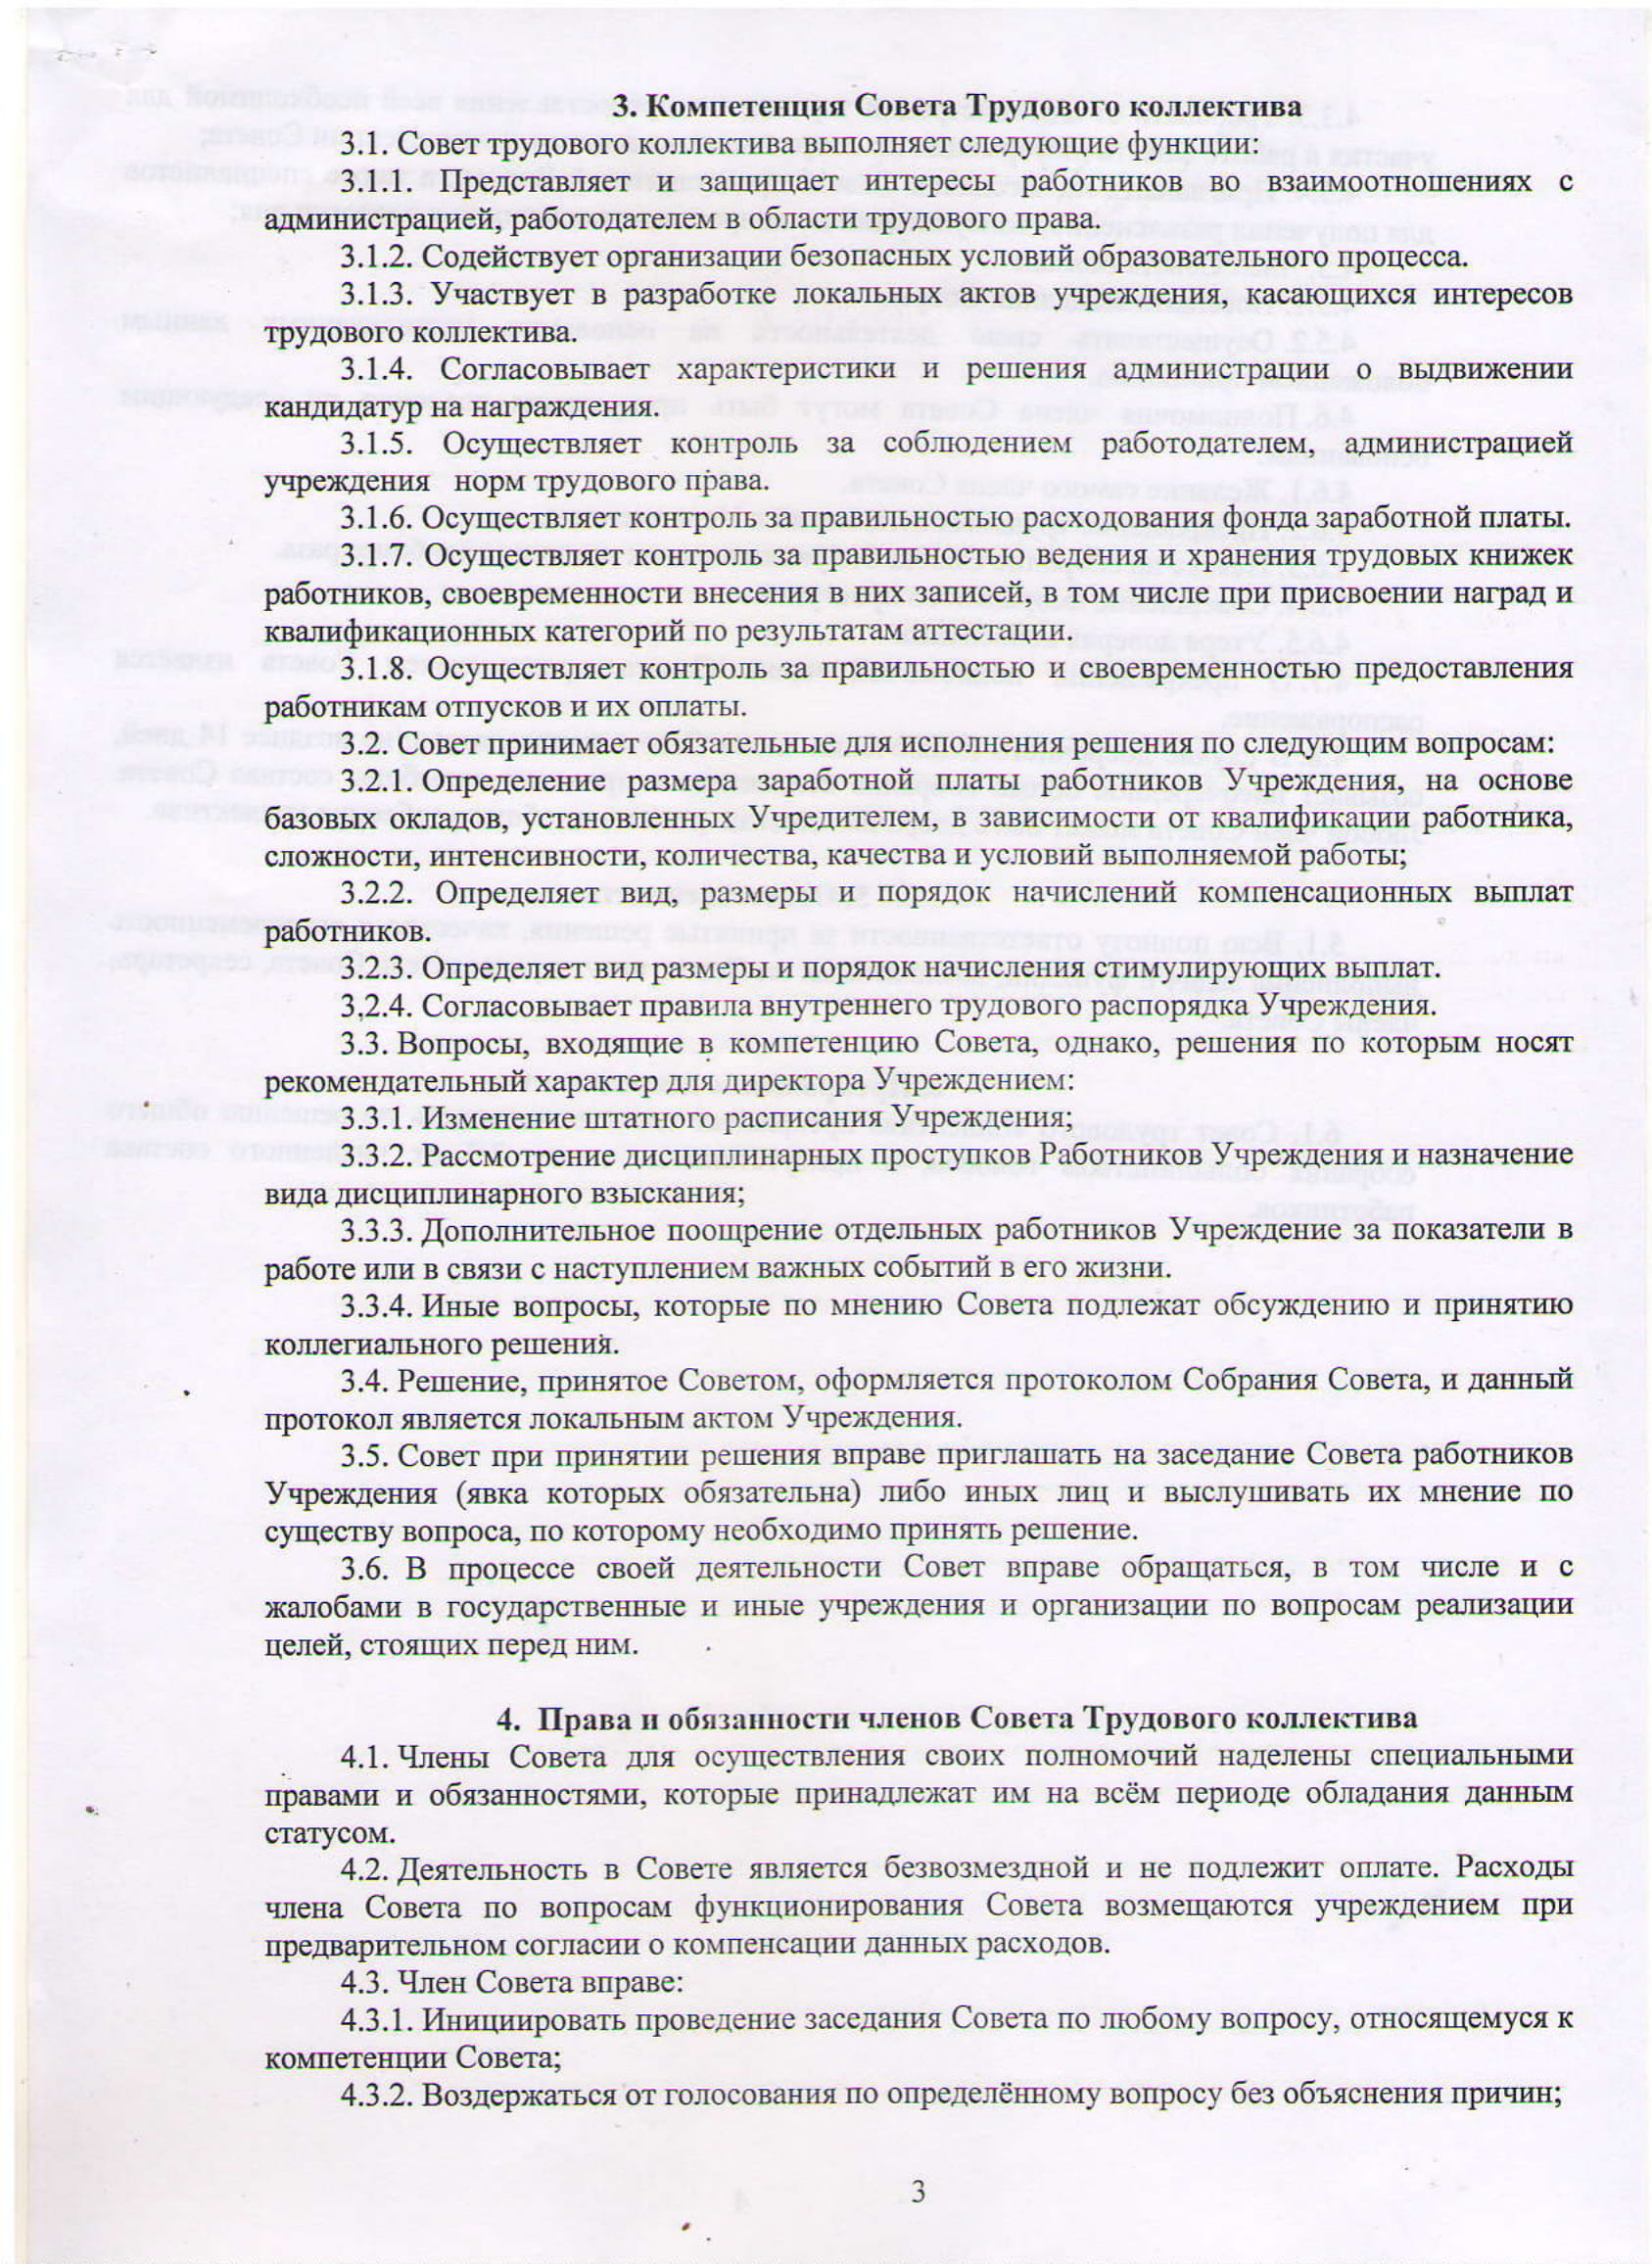 Положение о совете трудового коллектива-3